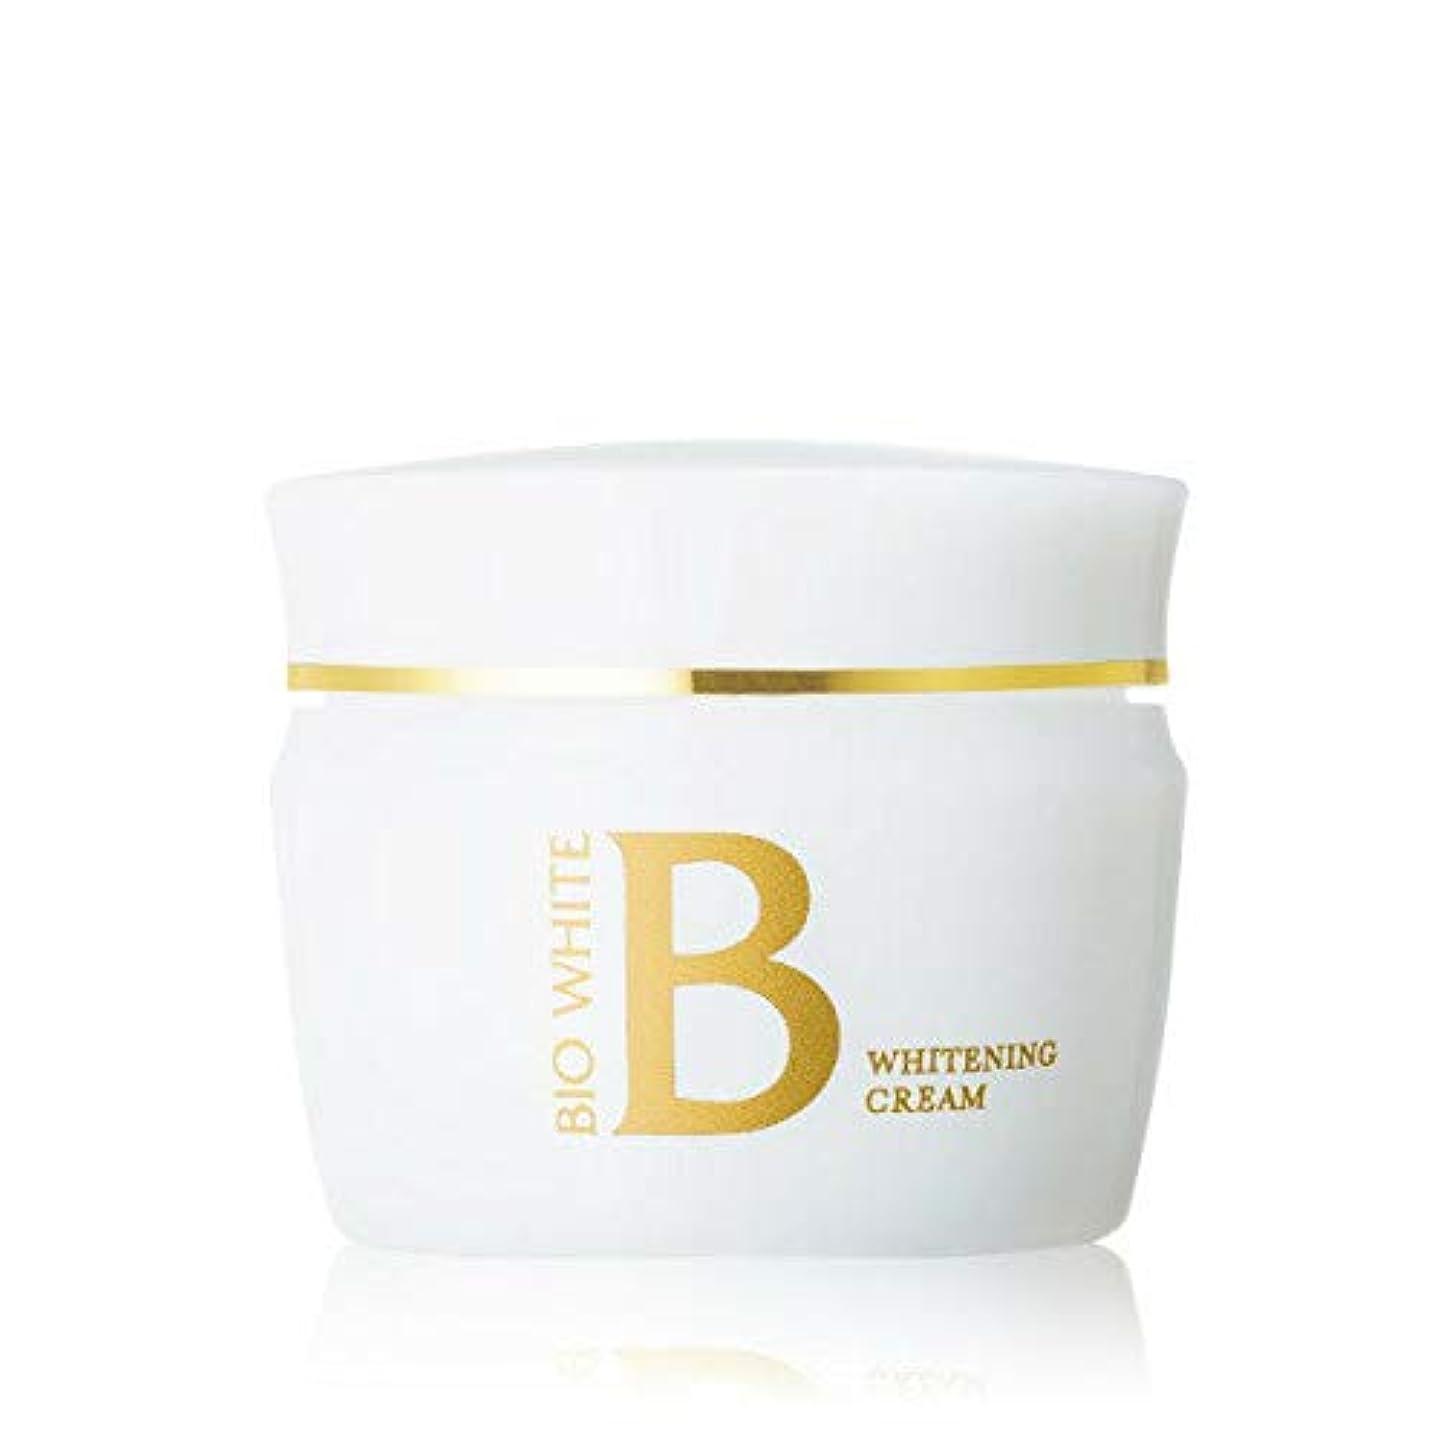 キャリッジ有毒武装解除エビス化粧品(EBiS) エビス ビーホワイトクリーム 40g 美白クリーム トラネキサム酸 配合 医薬部外品